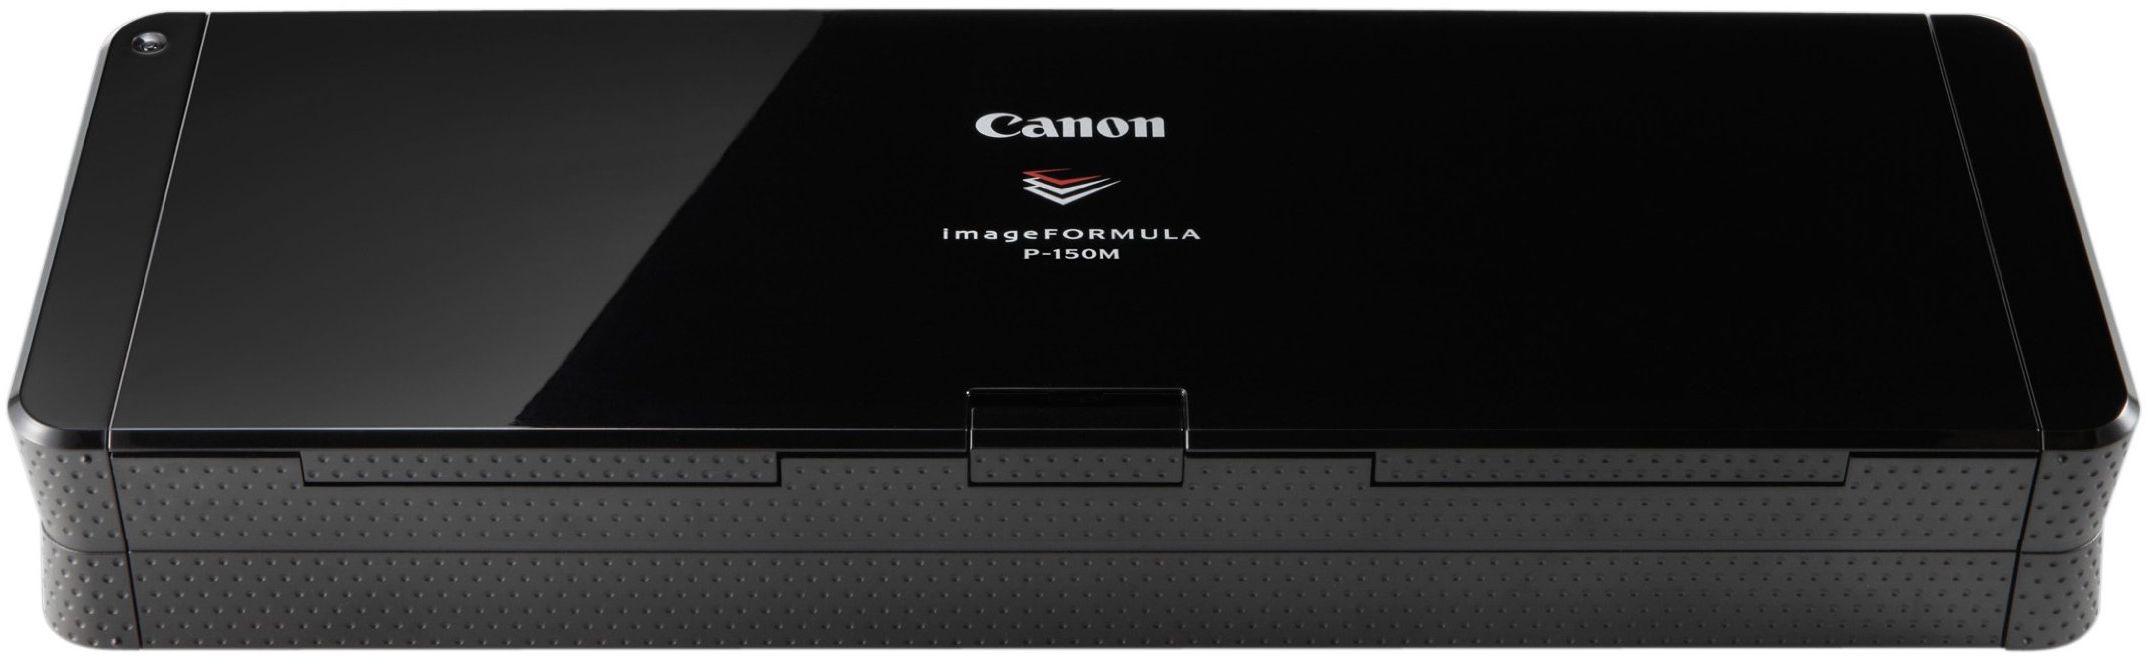 Canon imageFORMULA P-150M mobilny Mac A4-duplex kolorowy skaner dokumentów 600 dpi USB 2.0